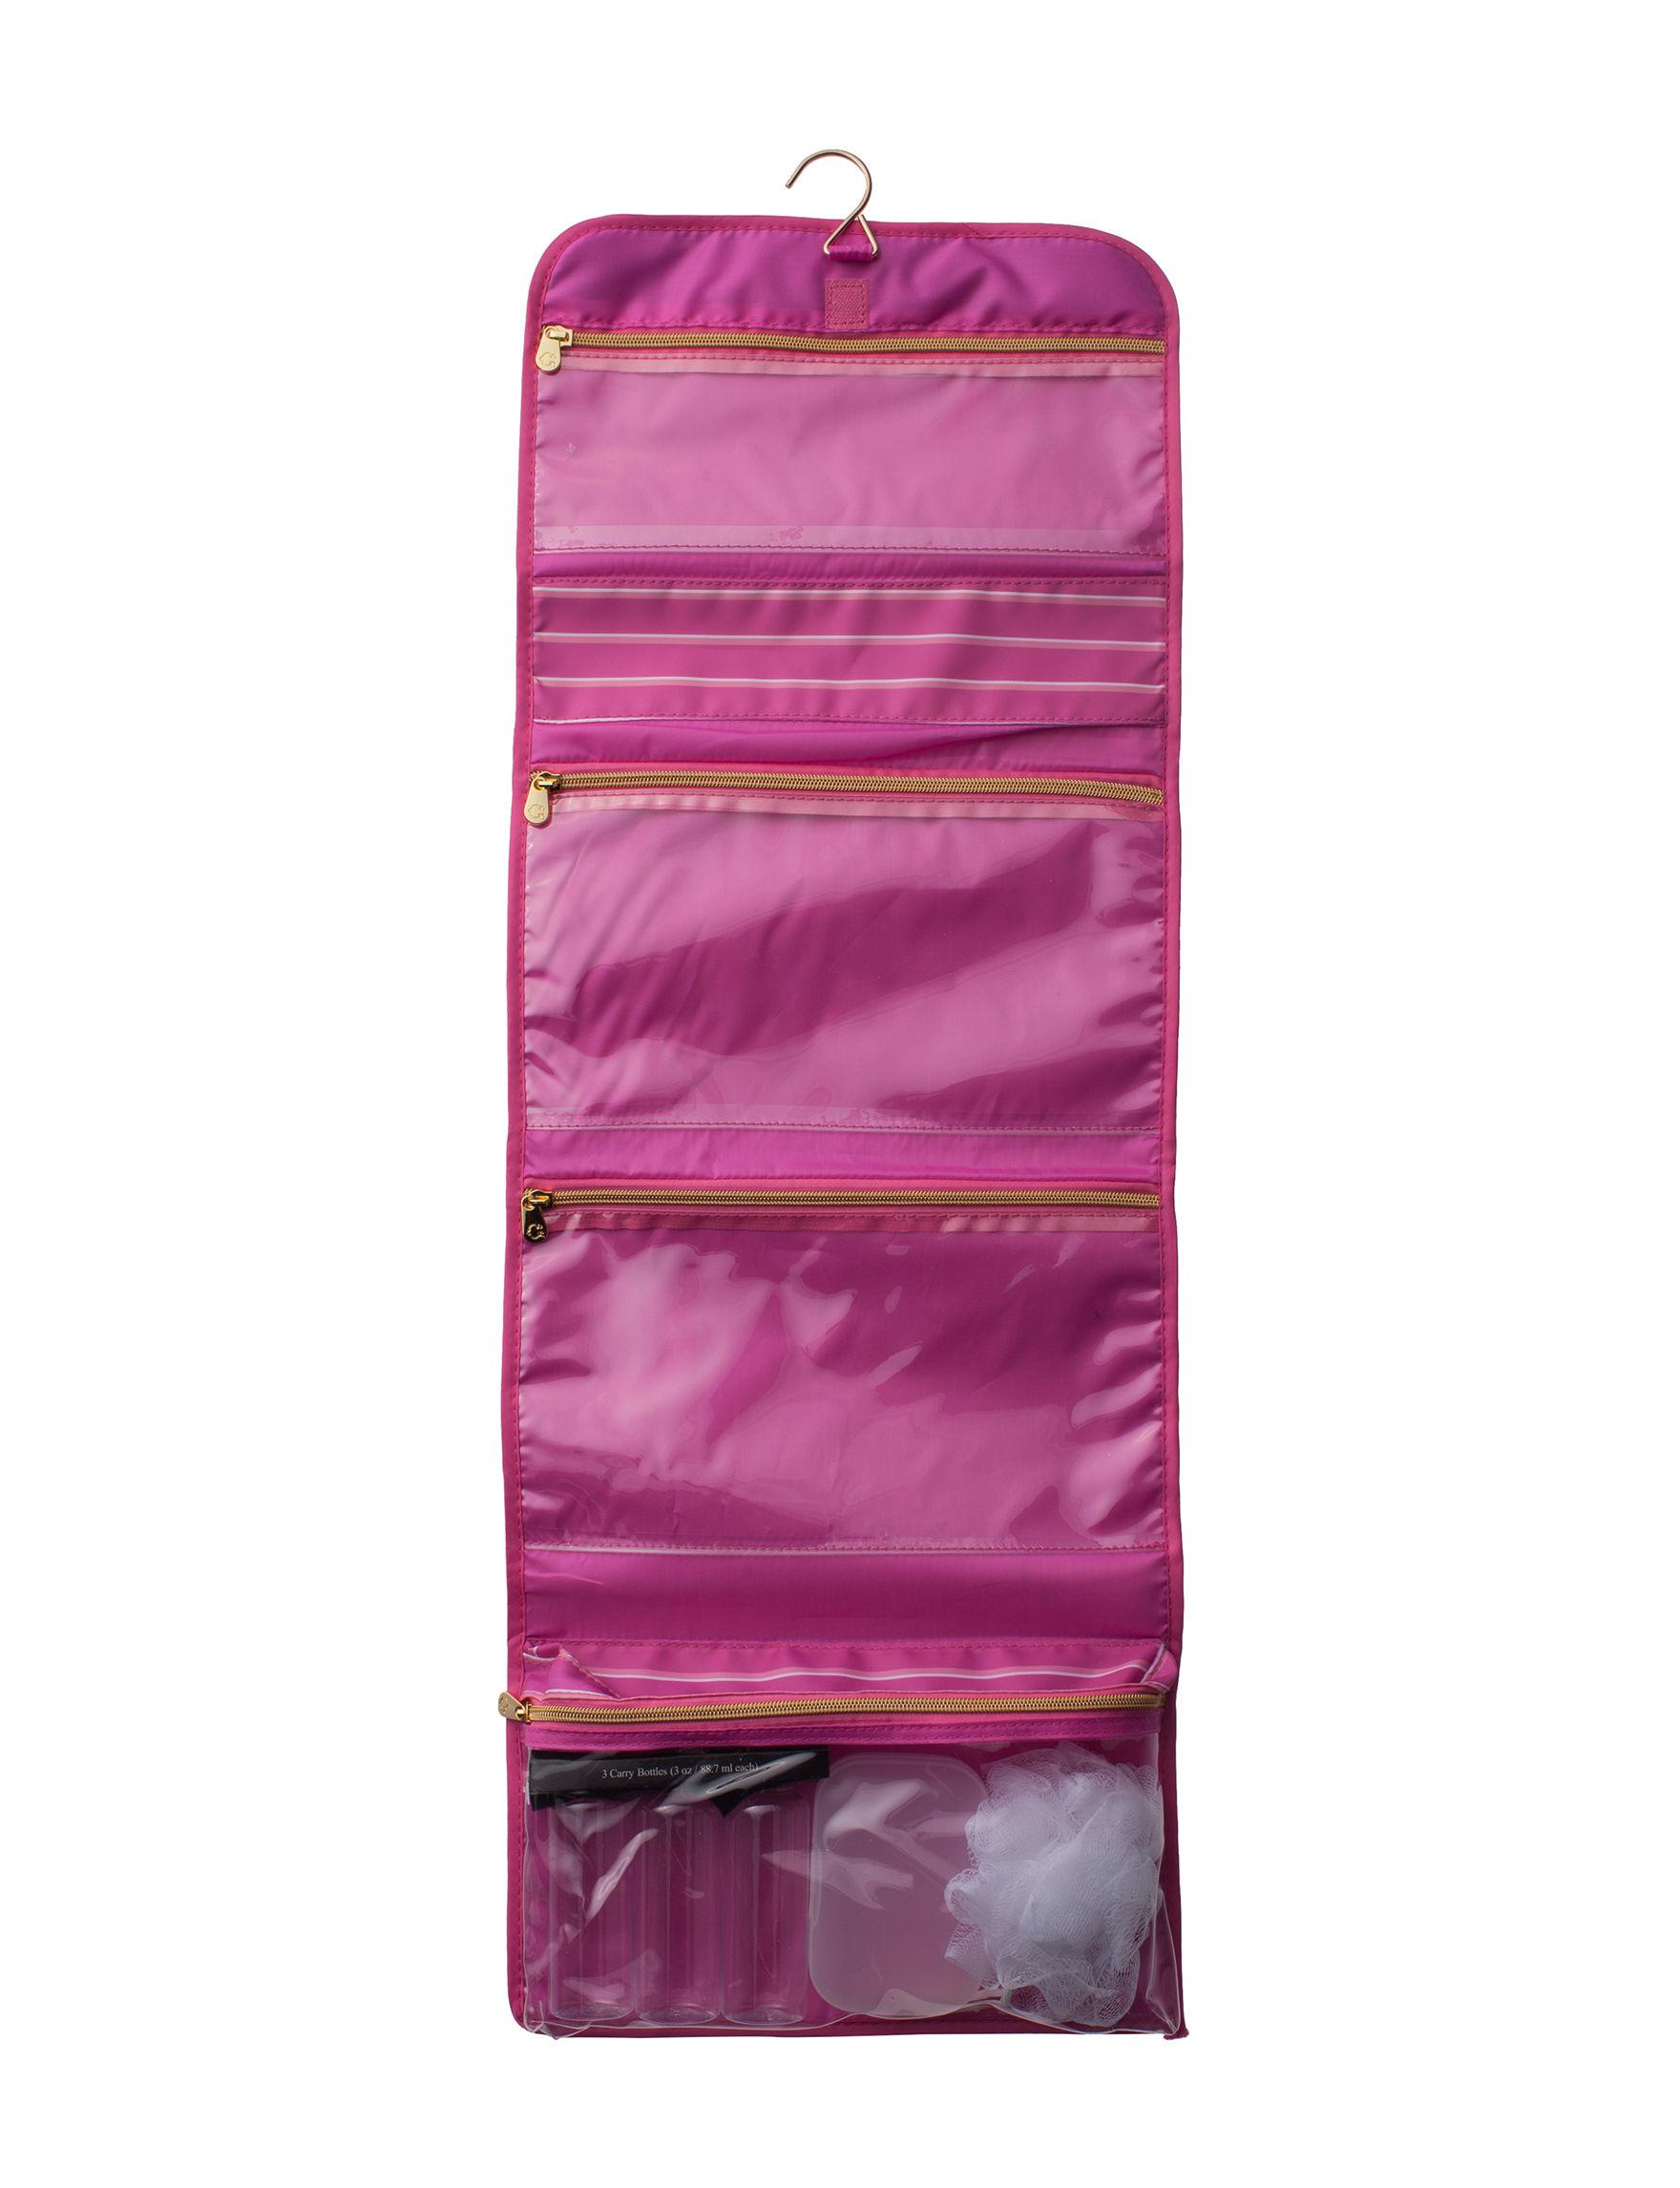 C. Wonder Pink Travel Accessories